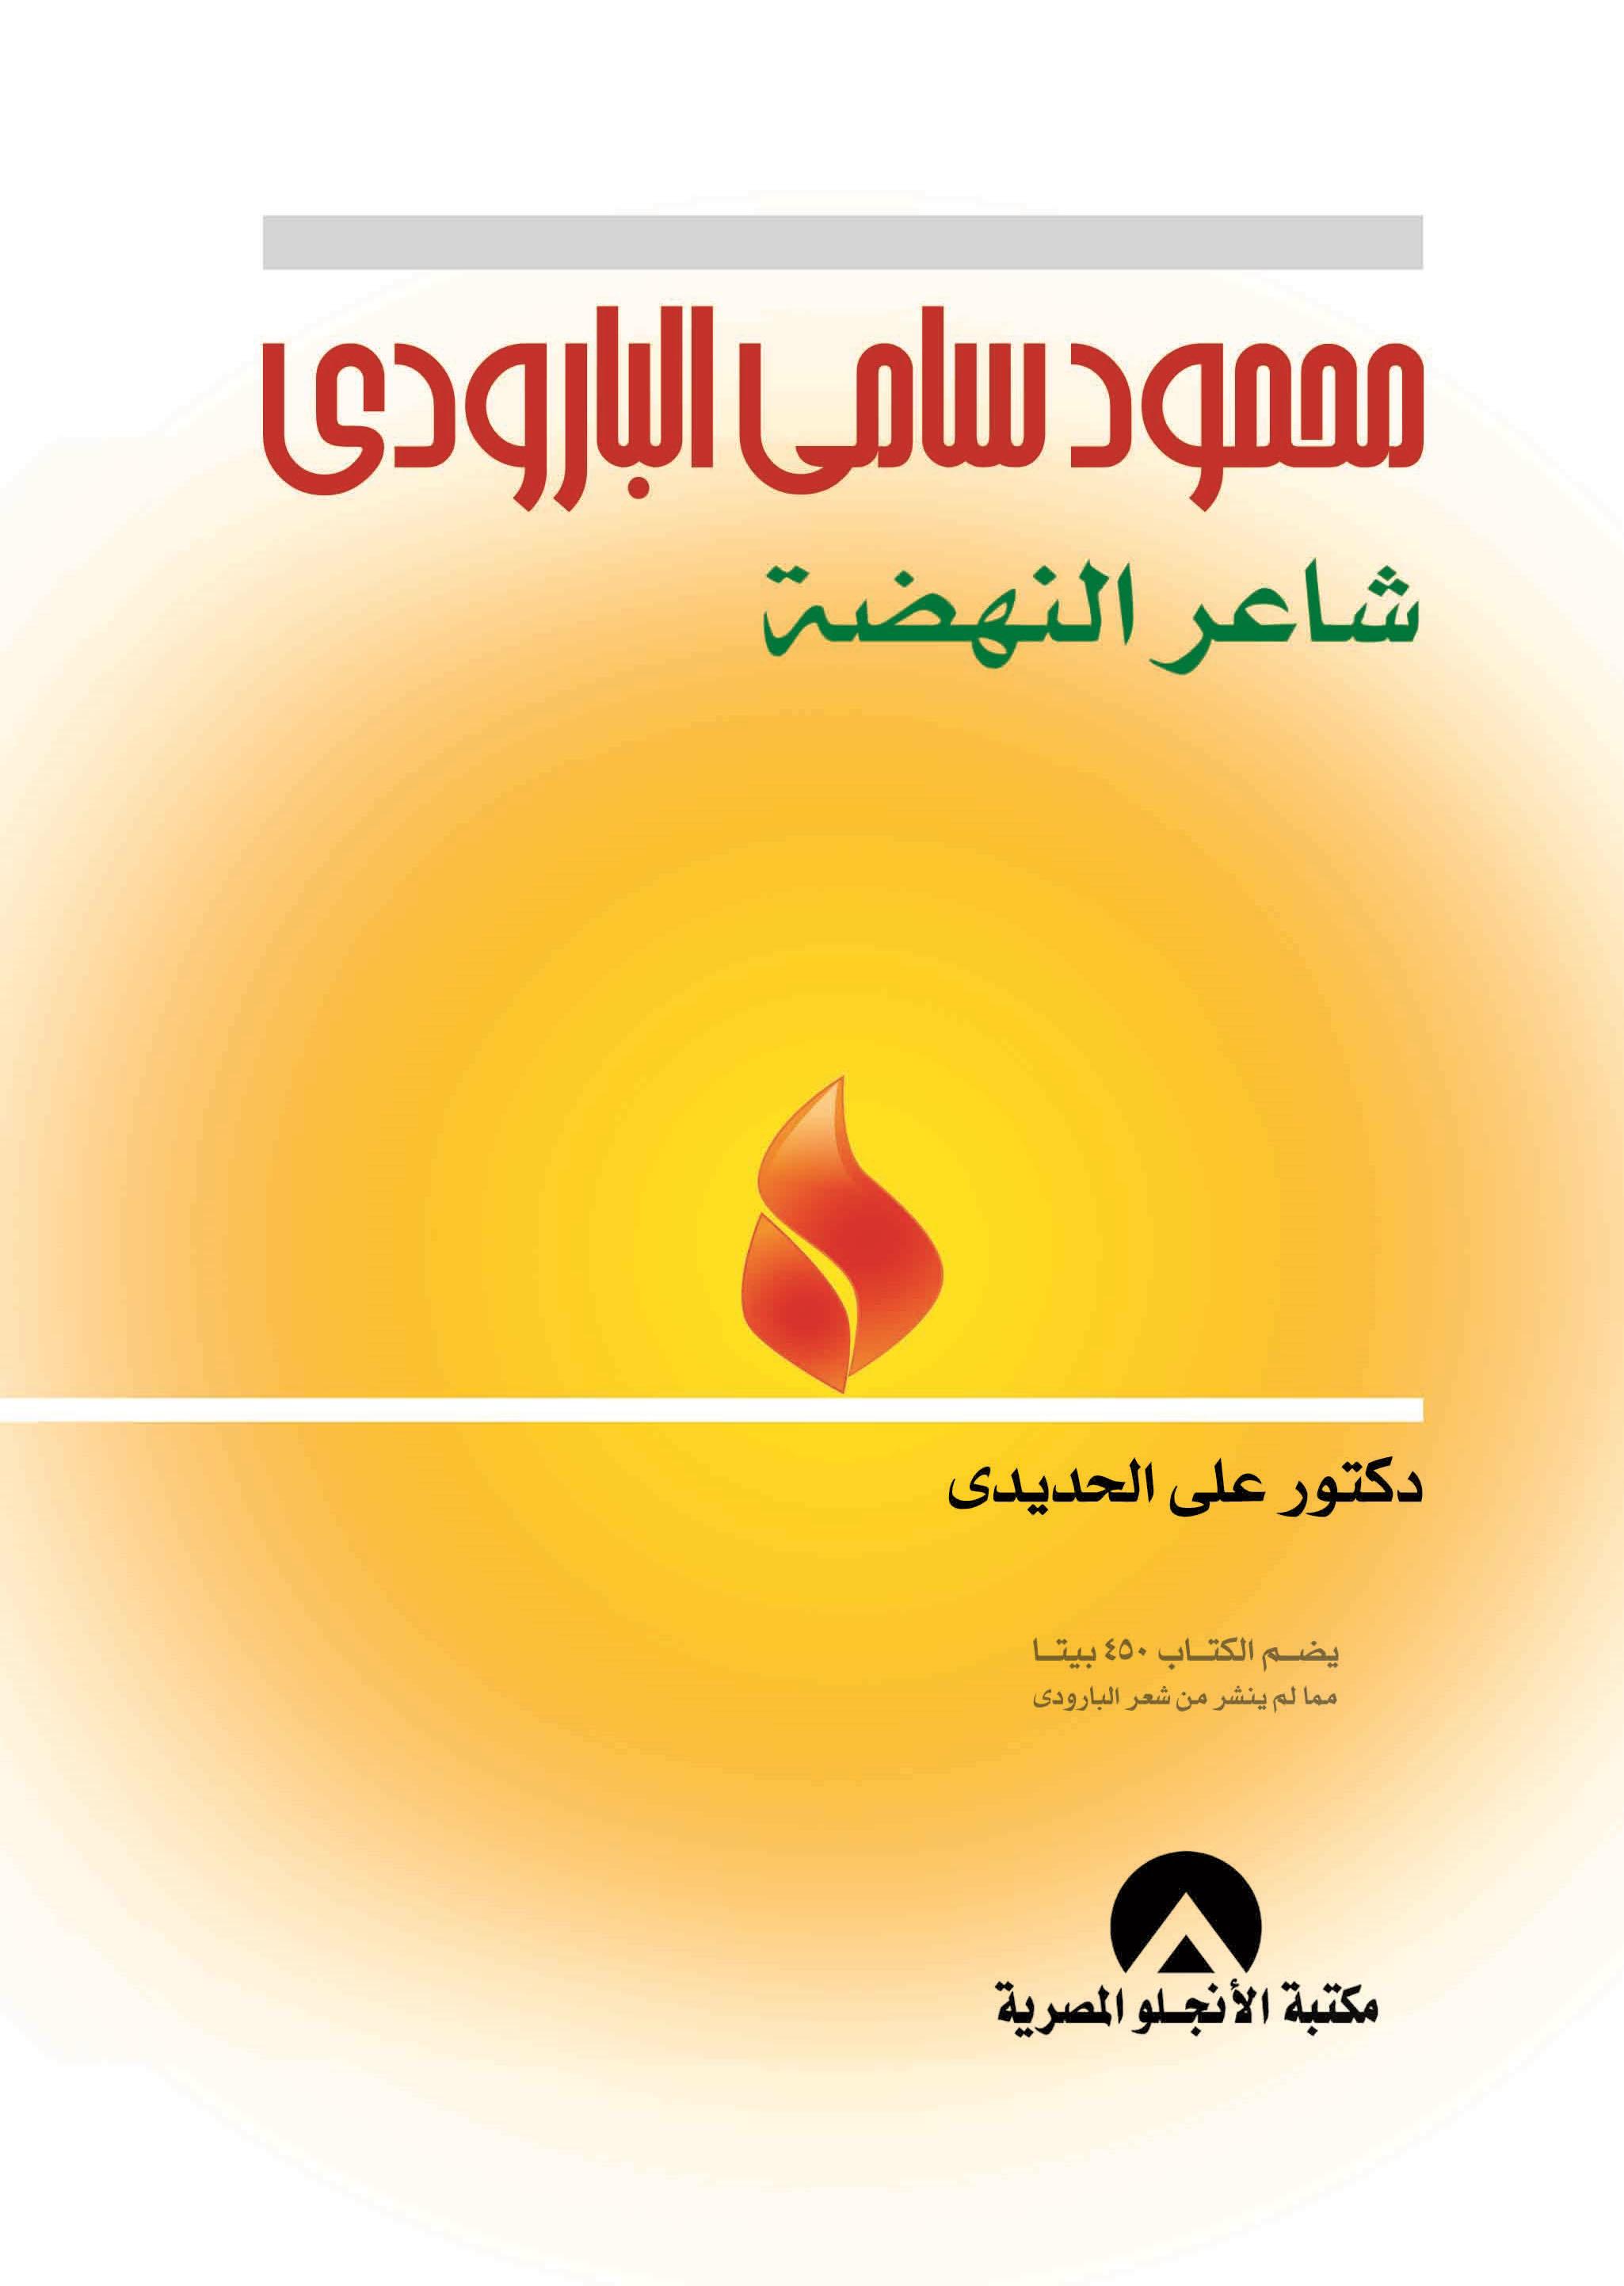 محمود سامى البارودى شاعر النهضة